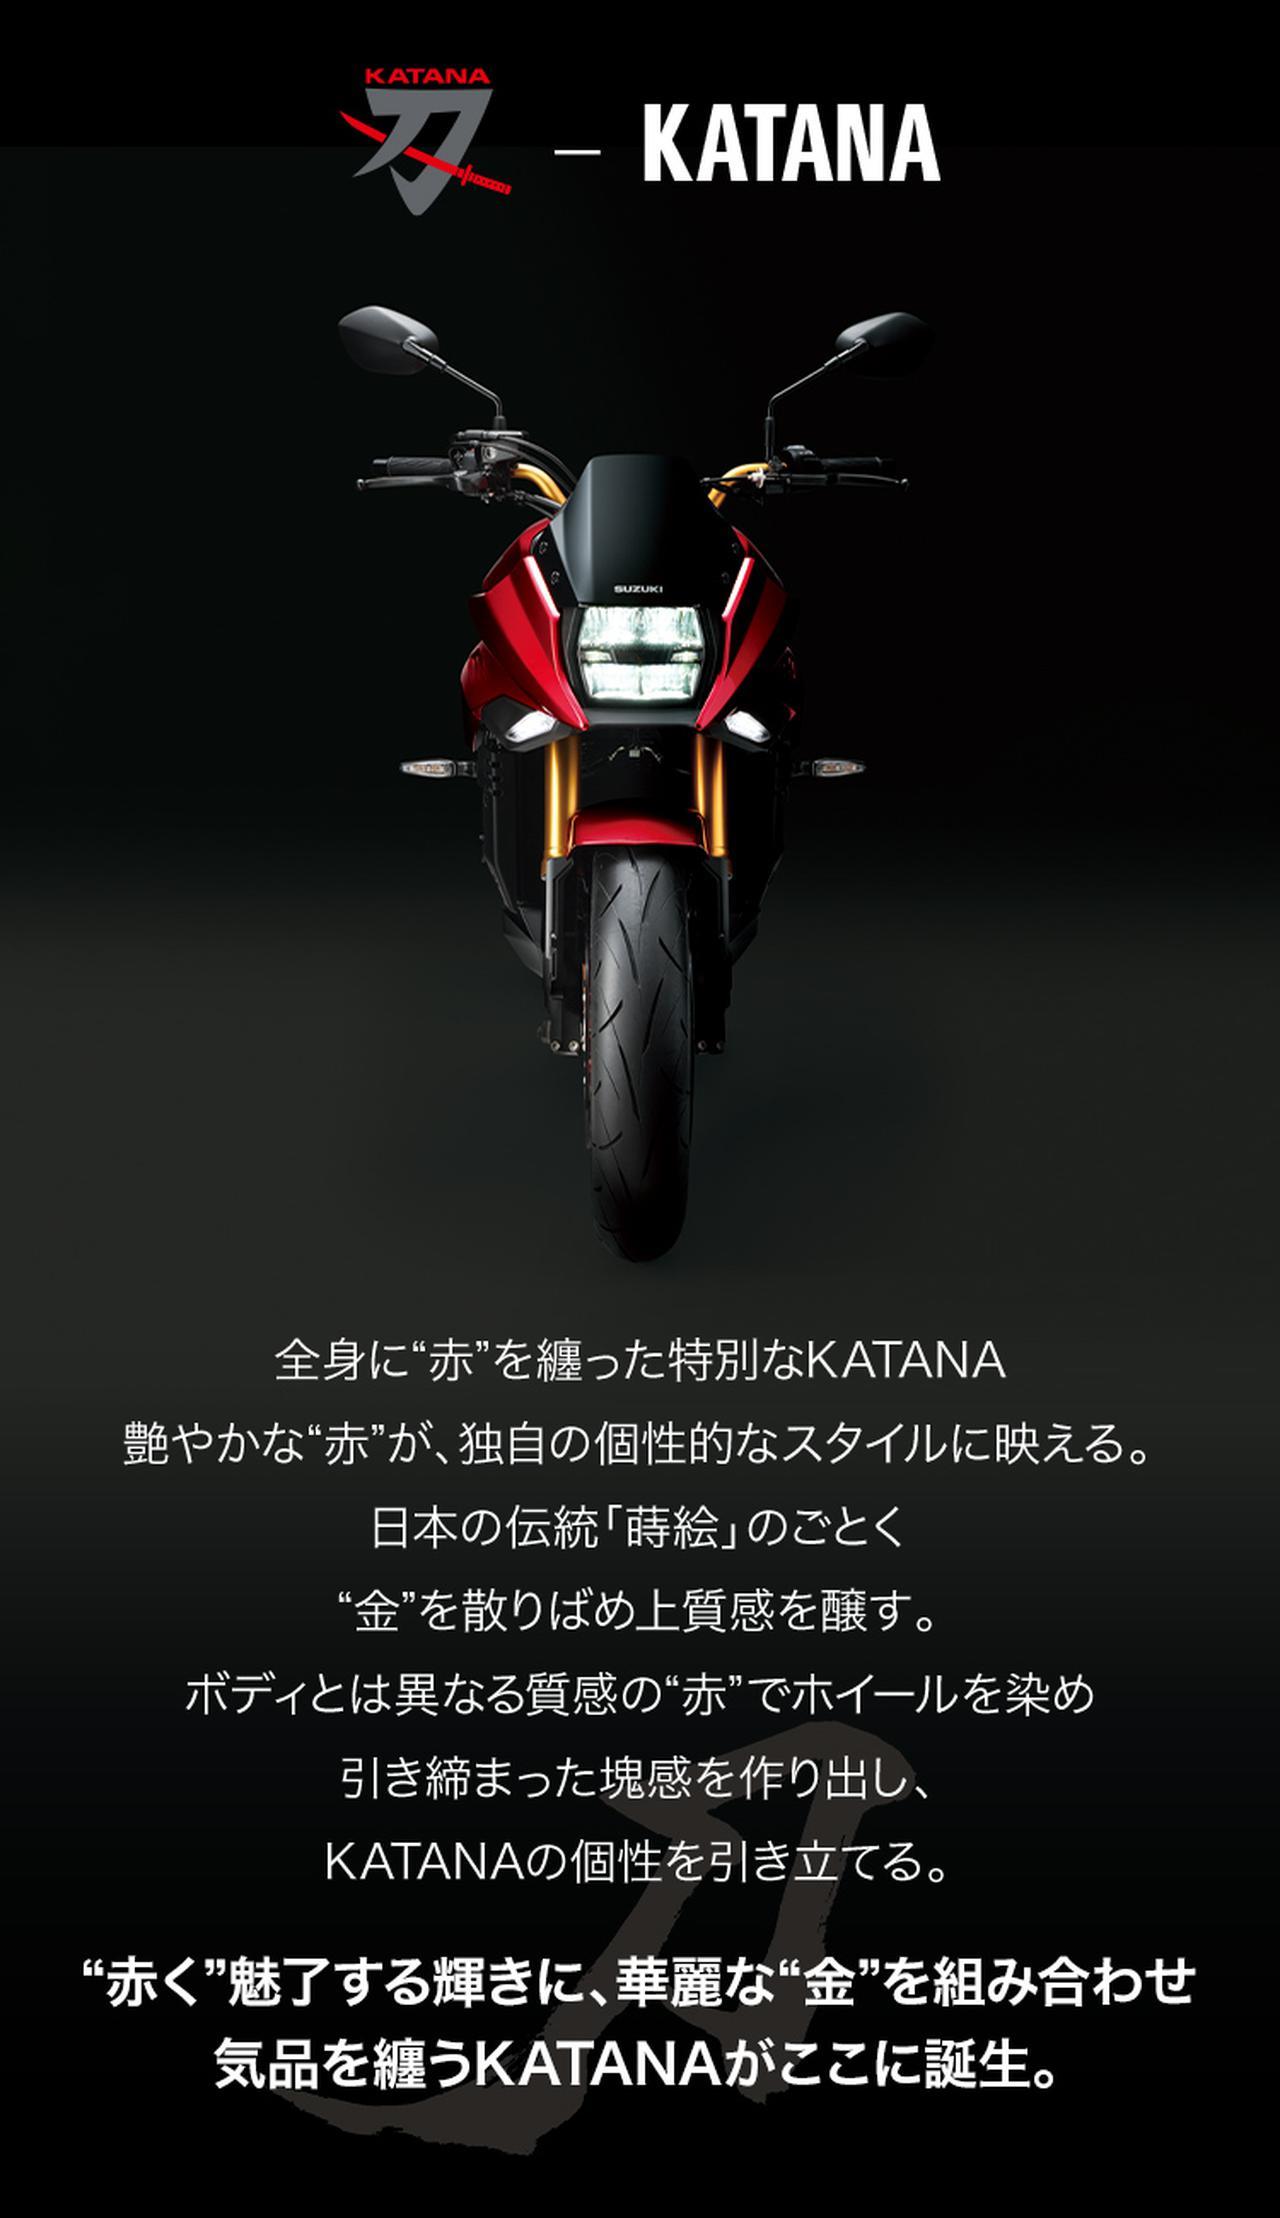 画像: KATANA特別色 |スズキ公式サイト